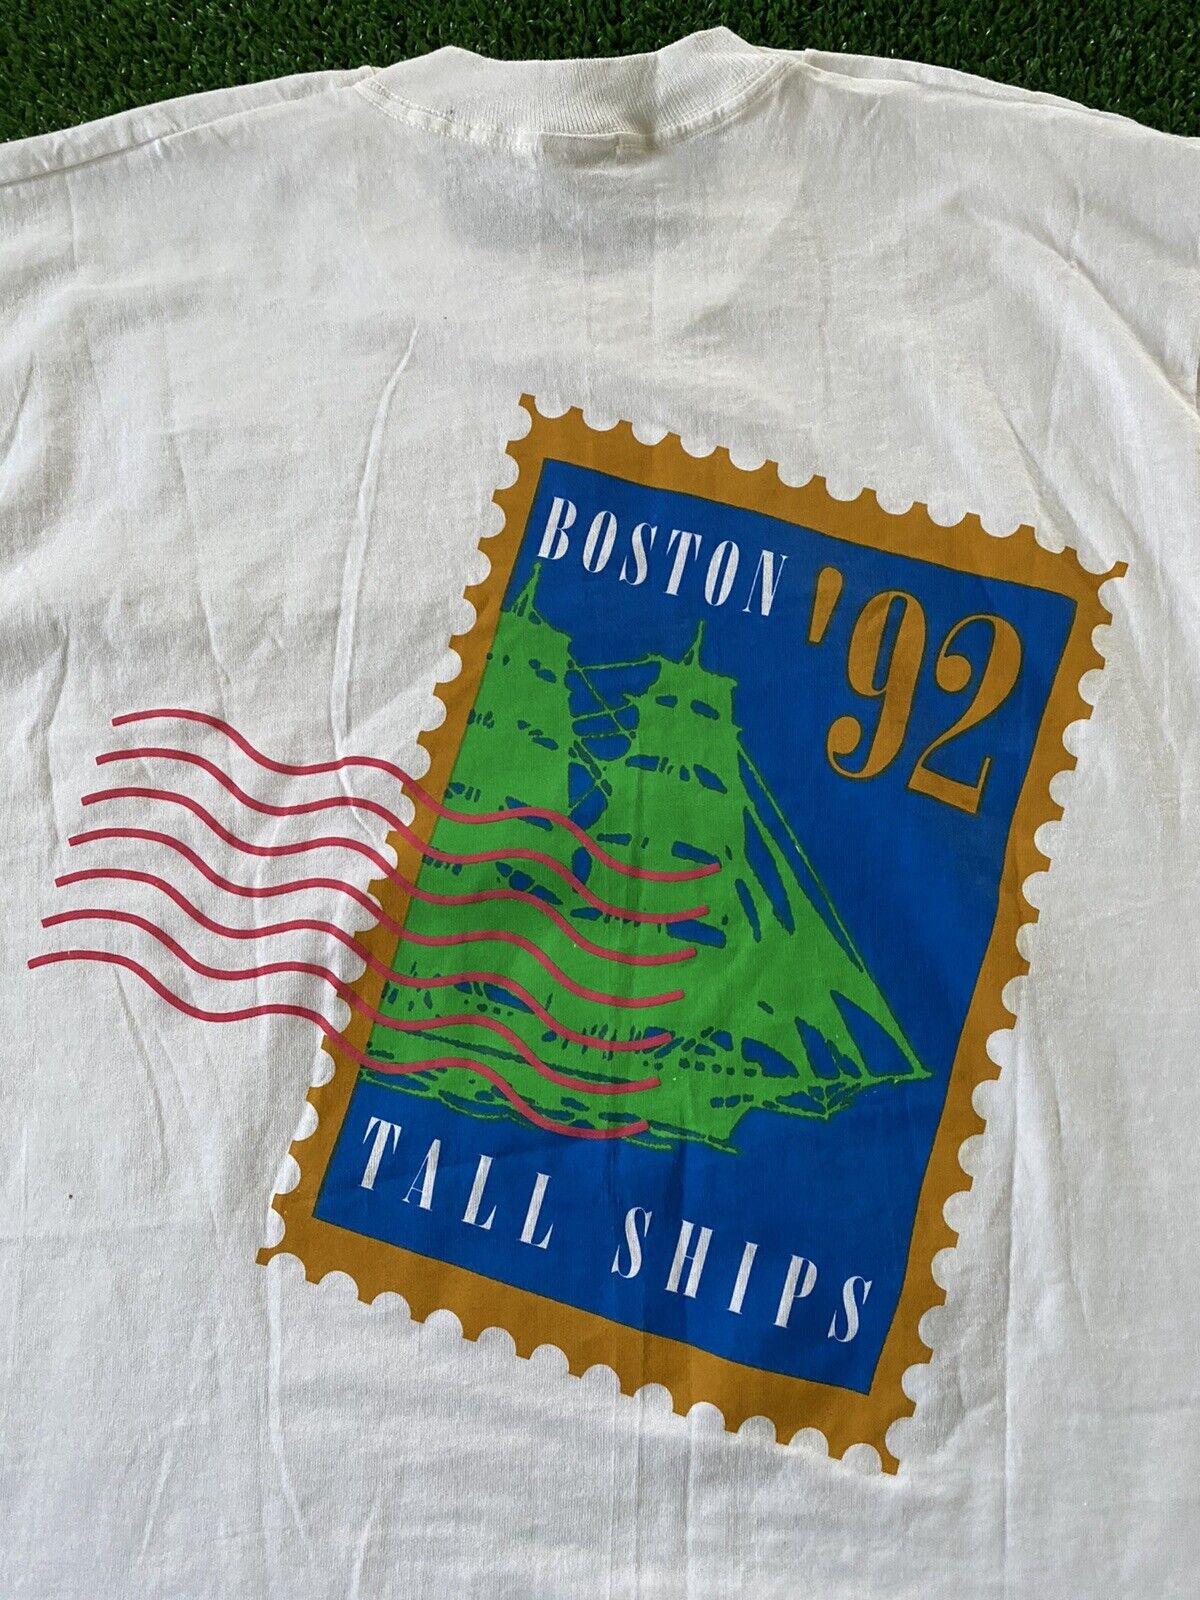 VTG 1992 Christopher Columbus Boston 92 America 5… - image 2